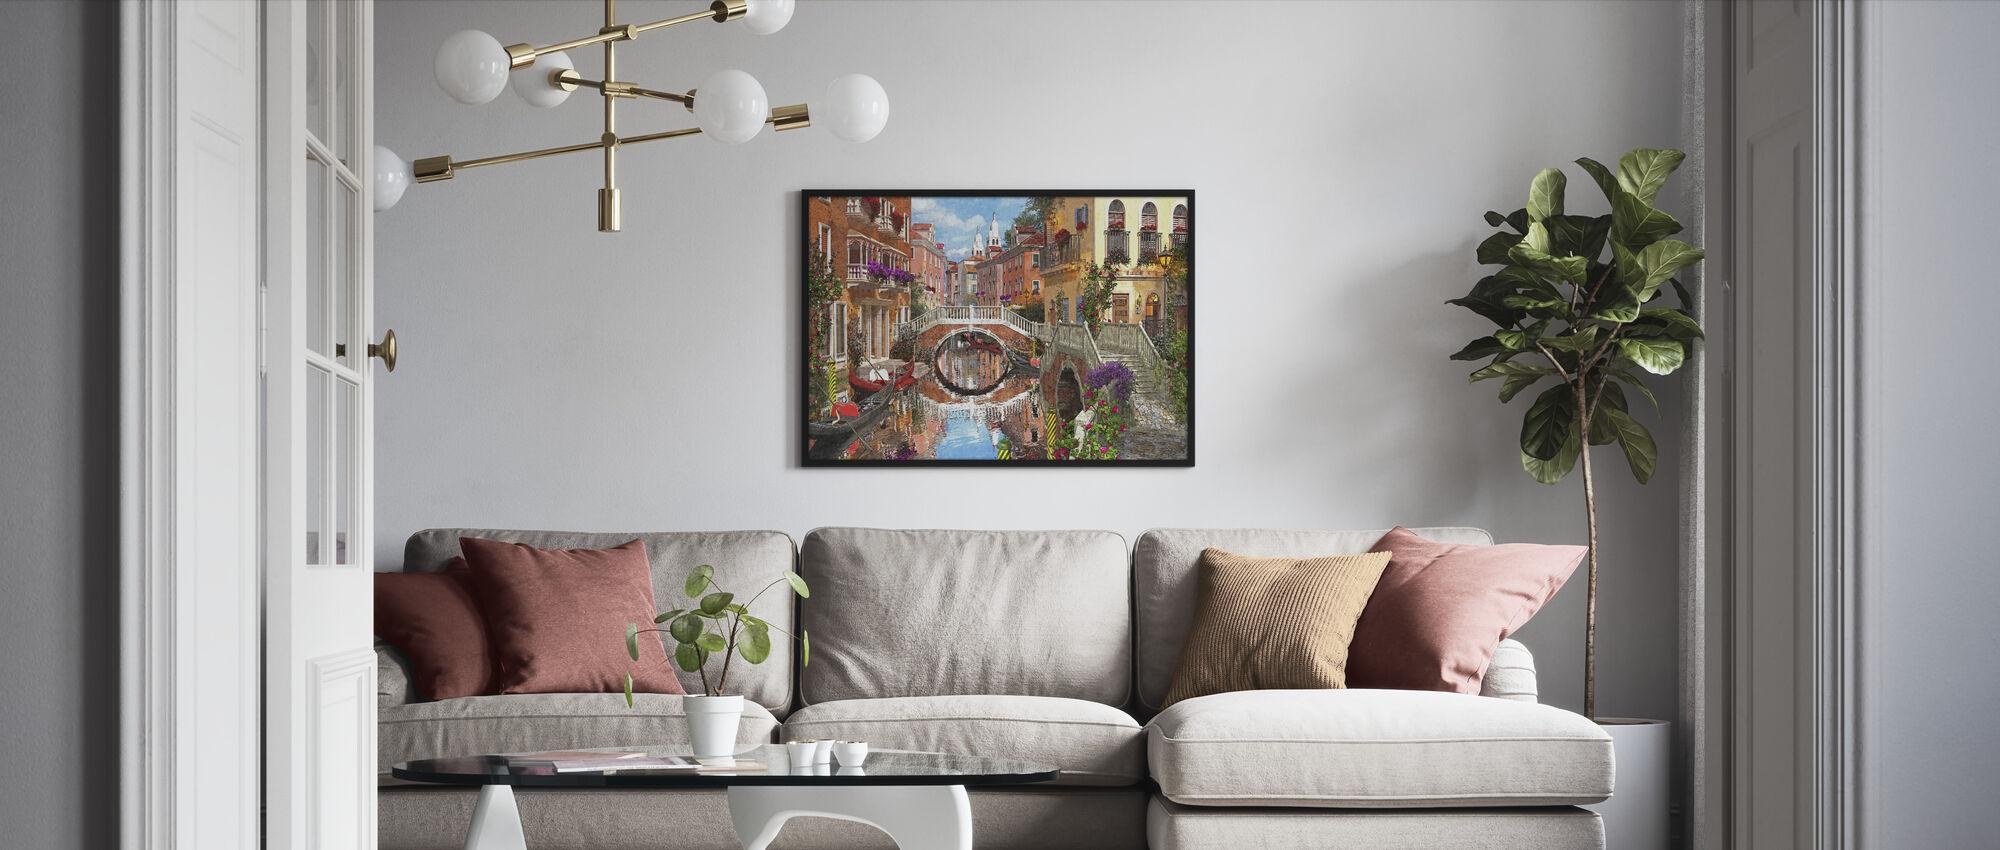 Venetian Waterway - Framed print - Living Room